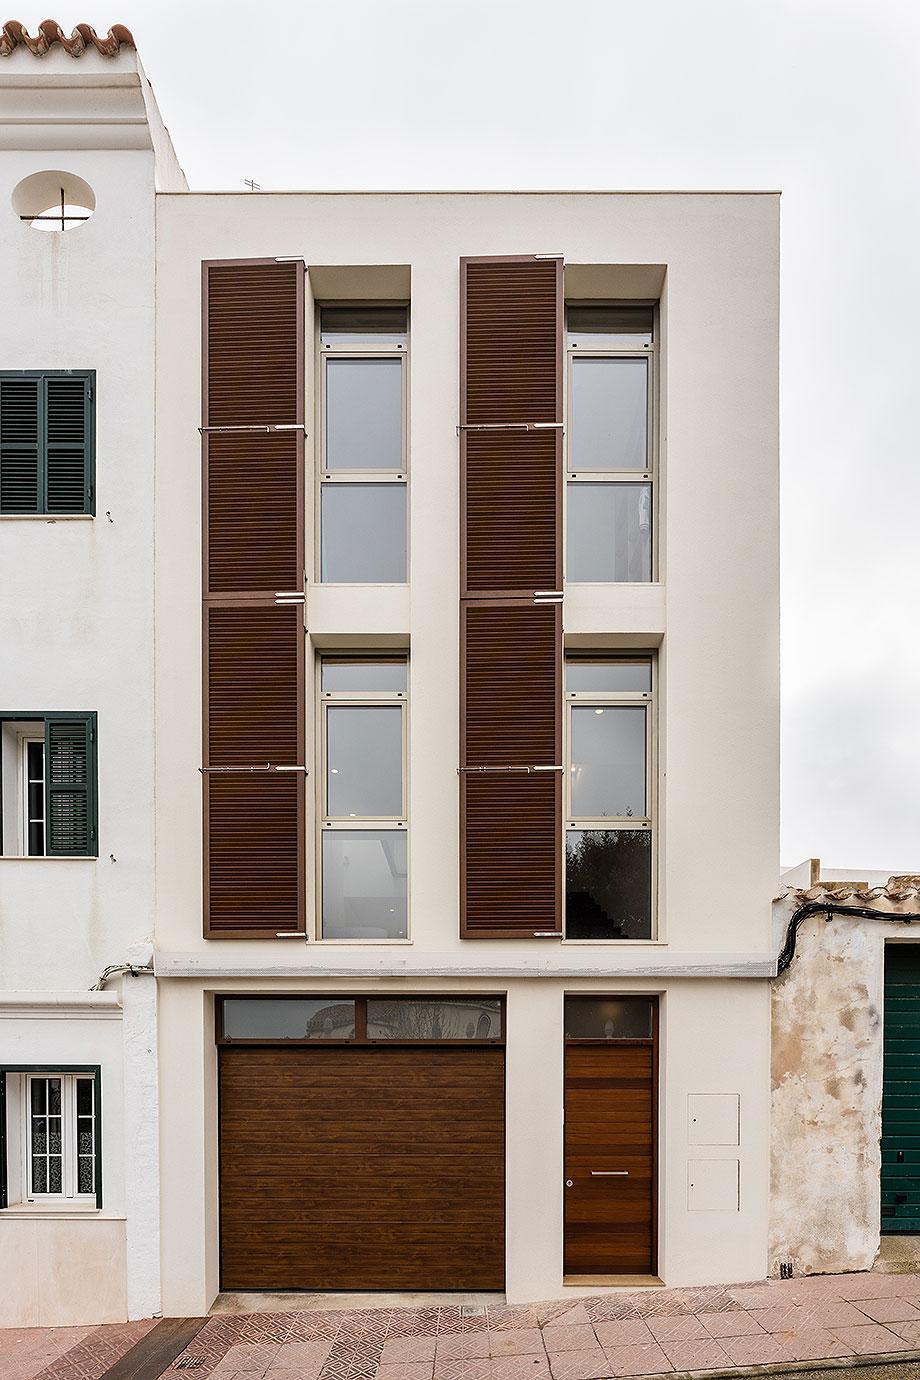 de garaje a vivienda por liniarquitectura (25) - foto laura tomas